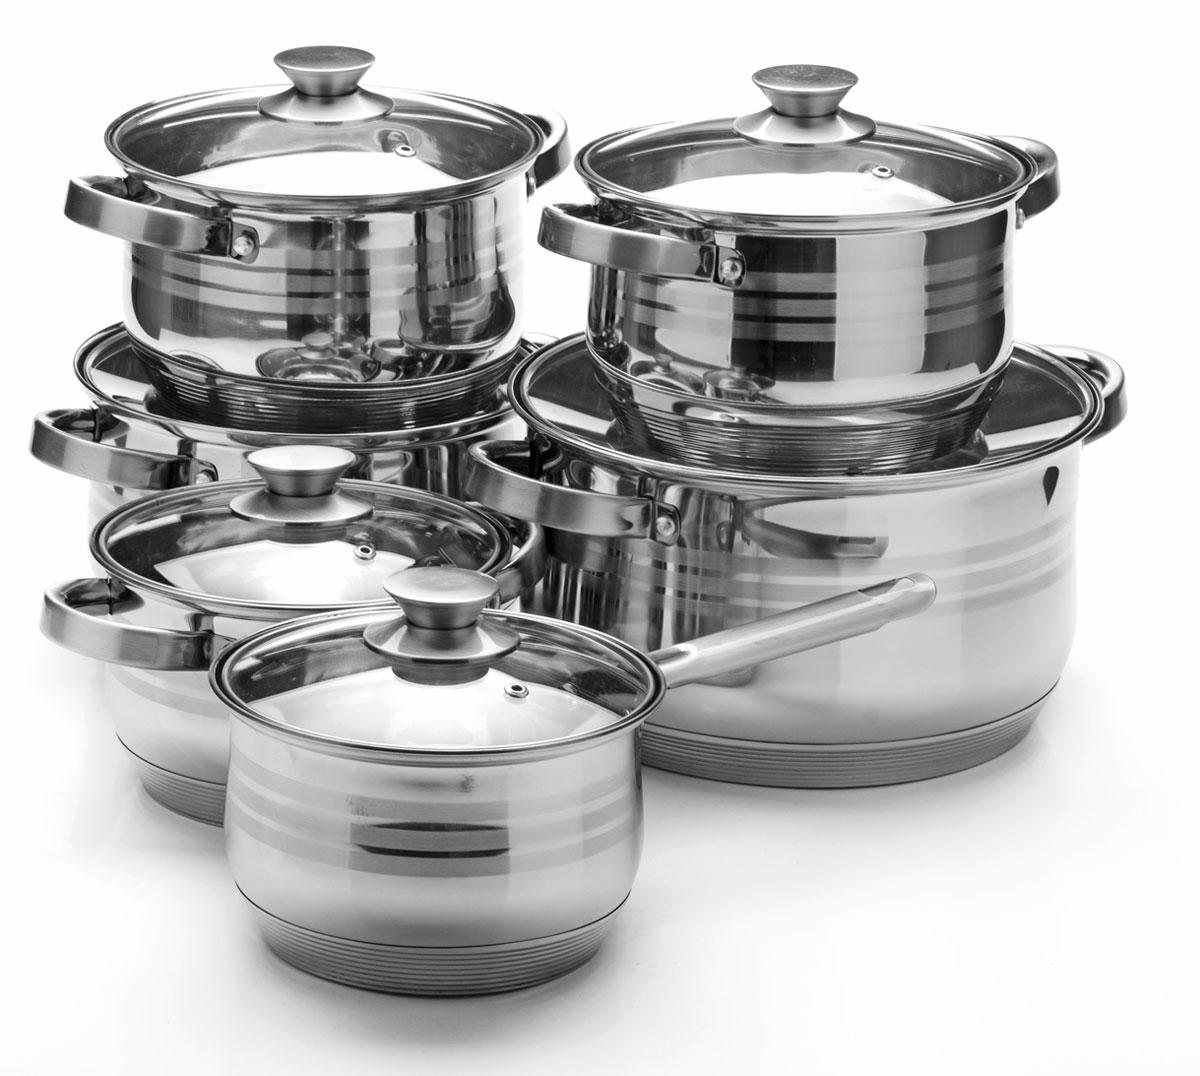 Набор посуды Mayer & Boch, 12 предметов. 2604425154Набор посуды Mayer & Boch состоит из 5 кастрюль с крышками и ковша с крышкой. Посуда выполнена из высококачественной нержавеющей стали с усиленным индукционным дном. Внешняя поверхность посуды с зеркальной полировкой декорирована матовыми полосками. Нержавеющая сталь - это экологически чистый, безопасный для здоровья материал, который не вступает в реакцию с продуктами и не искажает вкус приготовленных блюд. Изделия снабжены крышками из термостойкого стекла с отверстием для выхода пара и металлическим ободом, а также удобными стальными ручками, что придает посуде роскошный внешний вид. Многослойное дно обеспечит быстрый нагрев продуктов и надолго сохранит тепло. Посуда подходит для использования на газовых, электрических, стеклокерамических и галогеновых плитах, кроме индукционных. Подходит для мытья в посудомоечной машине.Диаметр кастрюль (по верхнему краю): 16 см; 18 см; 18 см; 24 см; 26 см.Высота стенки кастрюль: 10,5 см; 11,5 см; 11,5 см; 14,5 см; 15 см.Объем кастрюль: 2,1 л; 2,9 л; 2,9 л; 6,6 л; 8 л.Ширина кастрюль (с учетом ручек): 24 см; 26 см; 26 см; 34 см; 35,5 см. Диаметр дна кастрюль: 13,5 см; 15,5 см; 15,5 см; 21 см; 23,5 см. Объем ковша: 2,1 л. Диаметр ковша (по верхнему краю): 16 см. Высота стенки ковша: 10,5 см. Диаметр дна ковша: 13,5 см. Длина ручки ковша: 16 см.